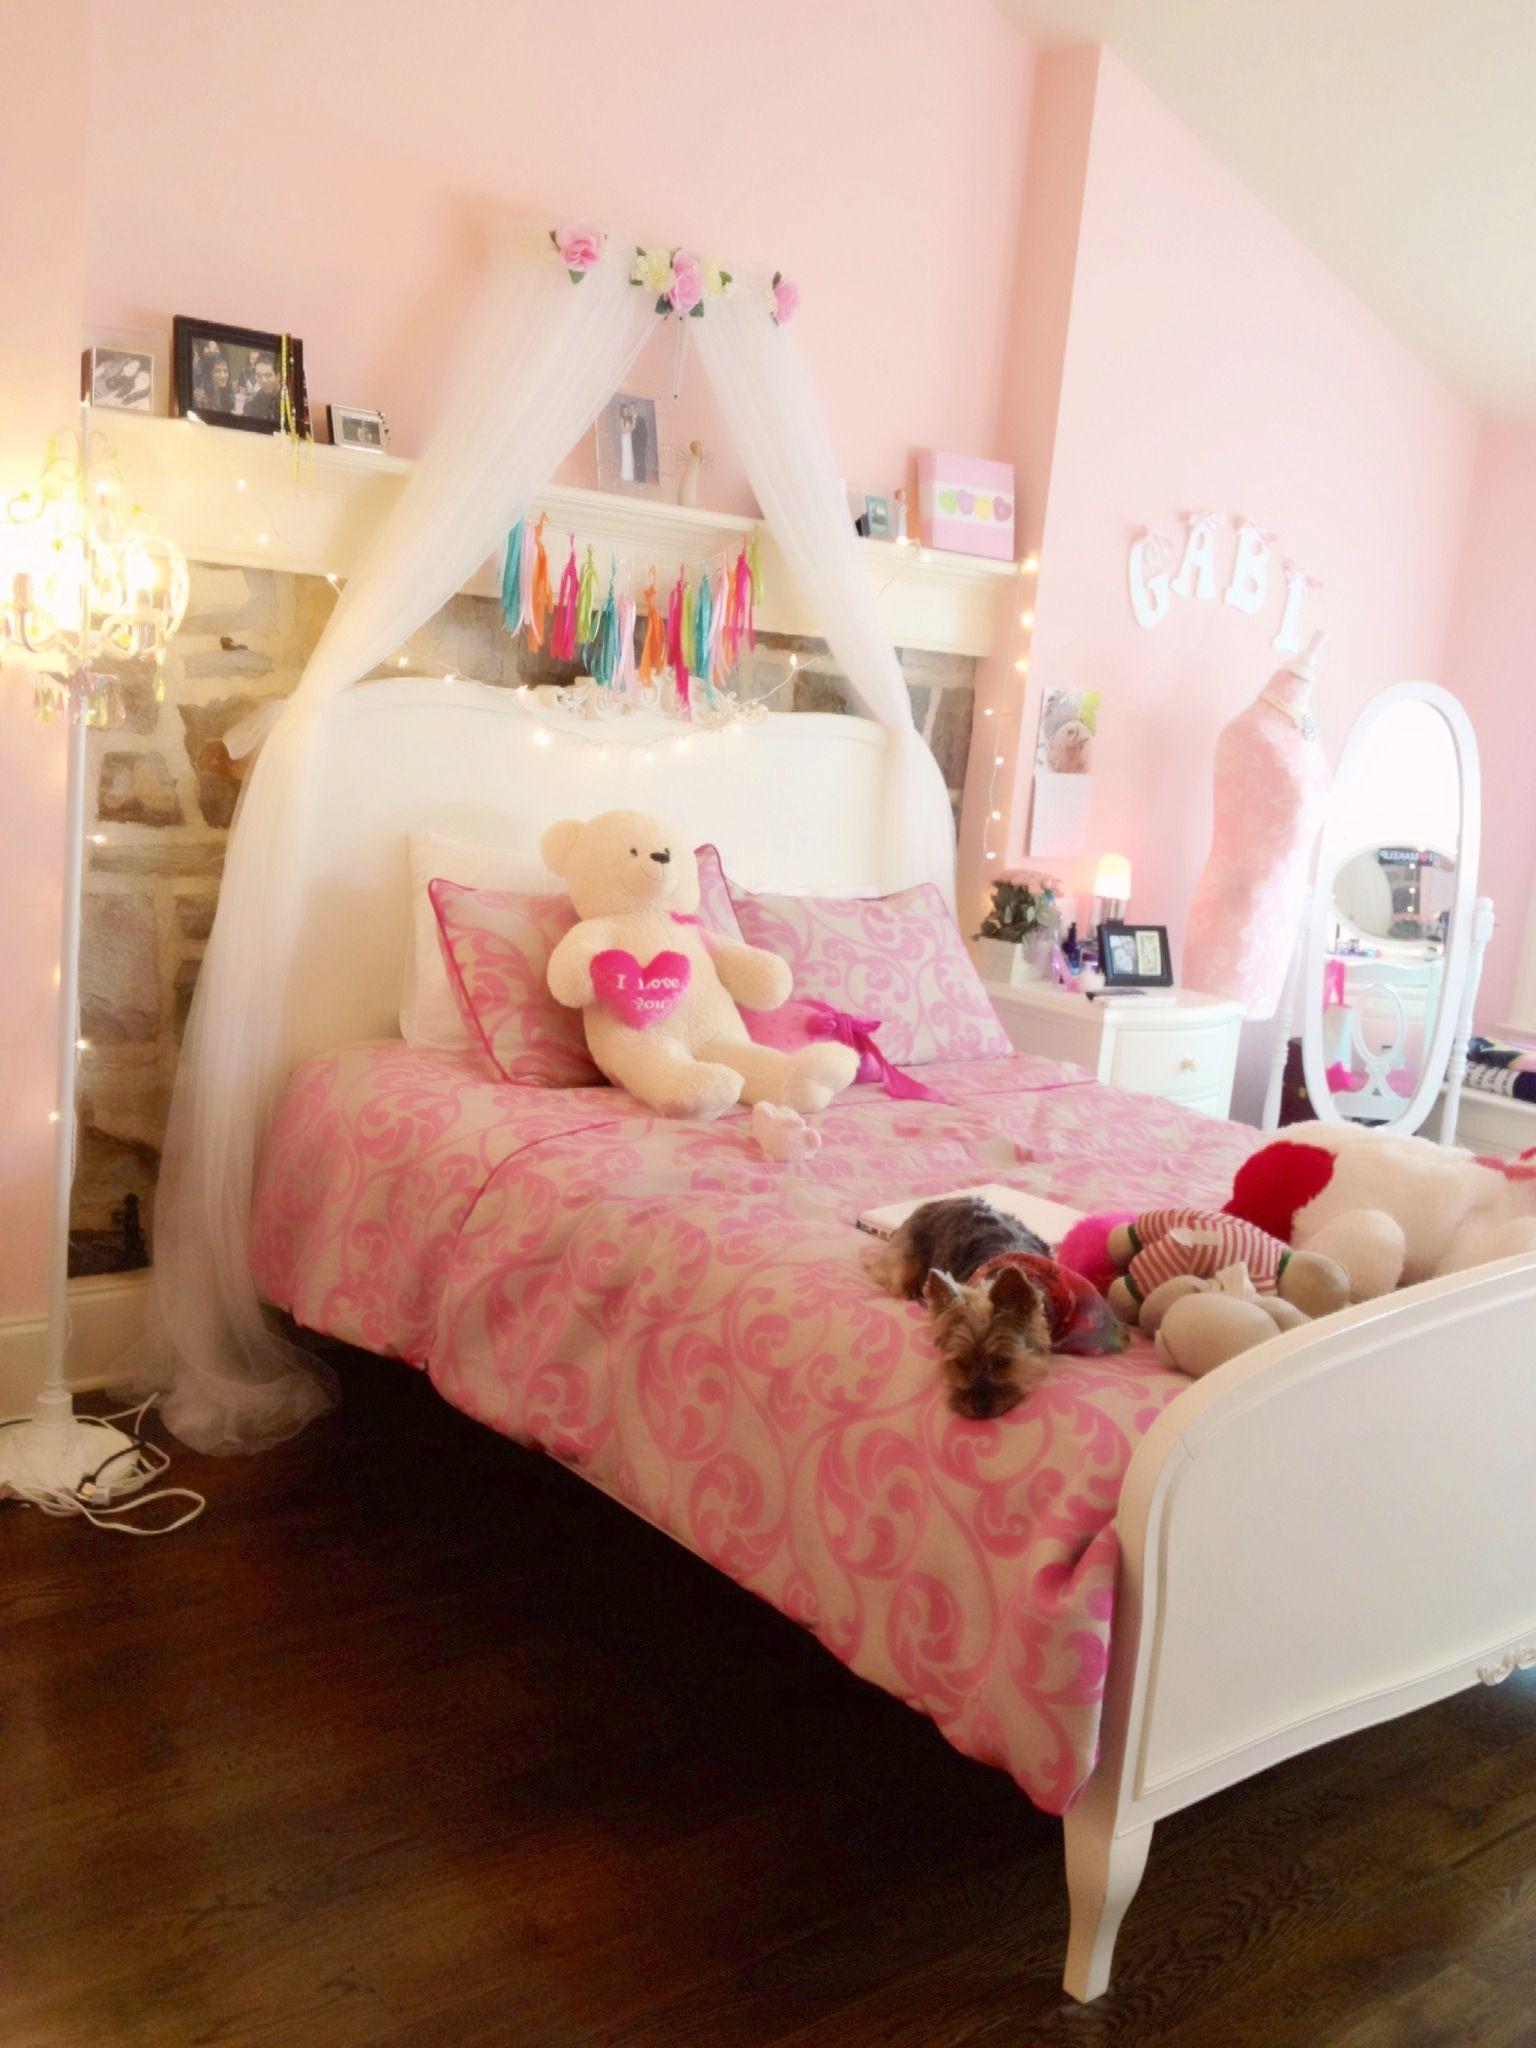 Baby bed youtube - Youtube Com Nikiandgabibeauty I Love Gabis Room